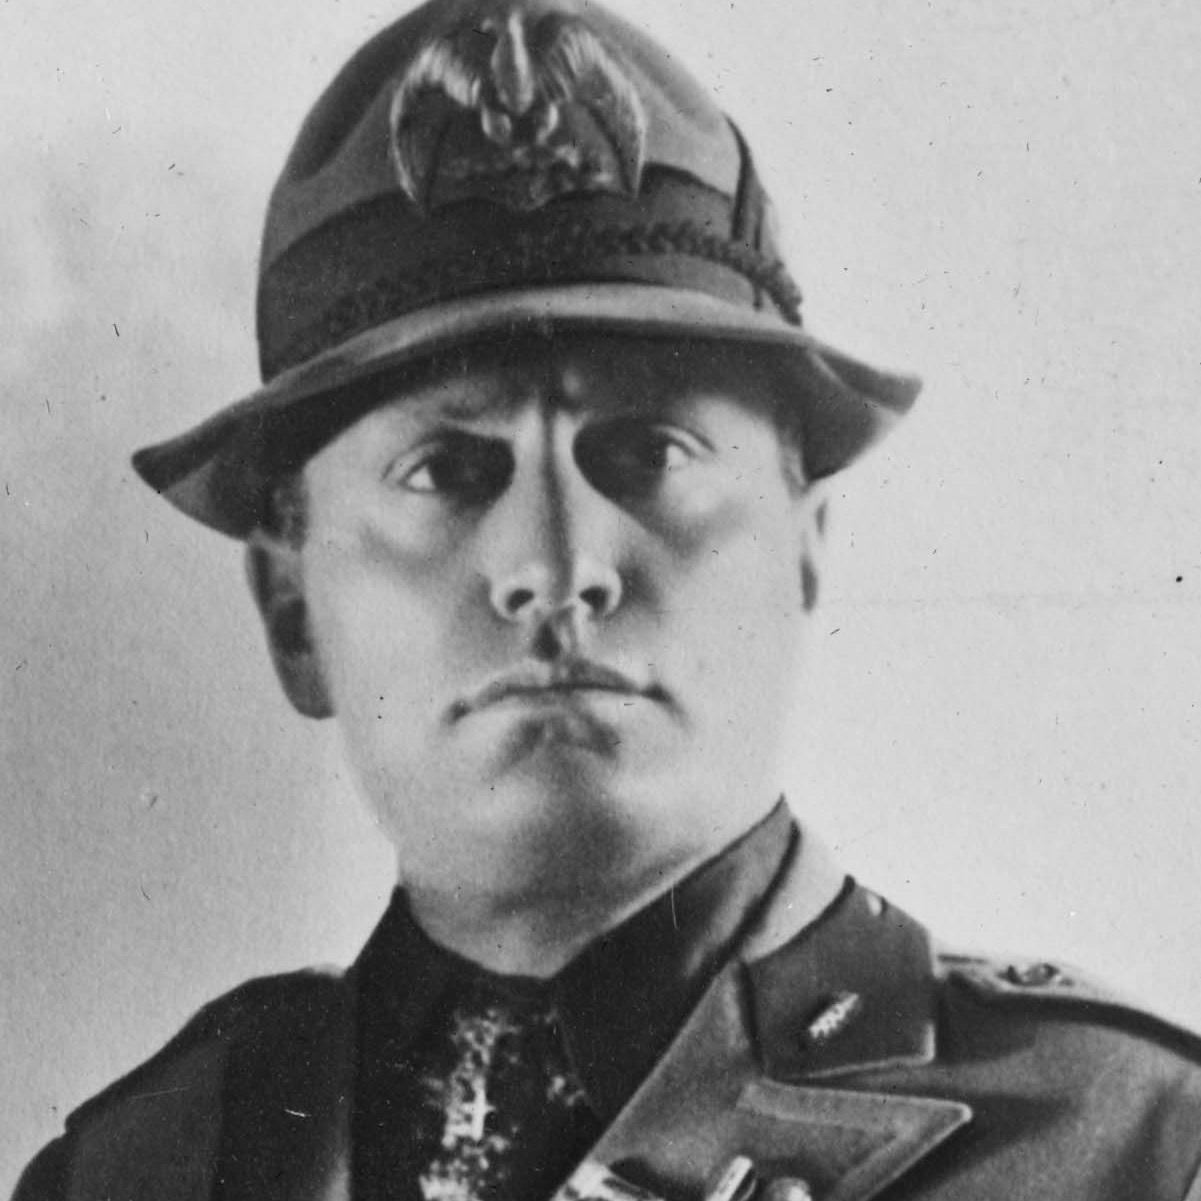 3 stycznia 1925 roku Mussolini między innymi zapowiedział rozprawę z antyfaszystowską opozycją.